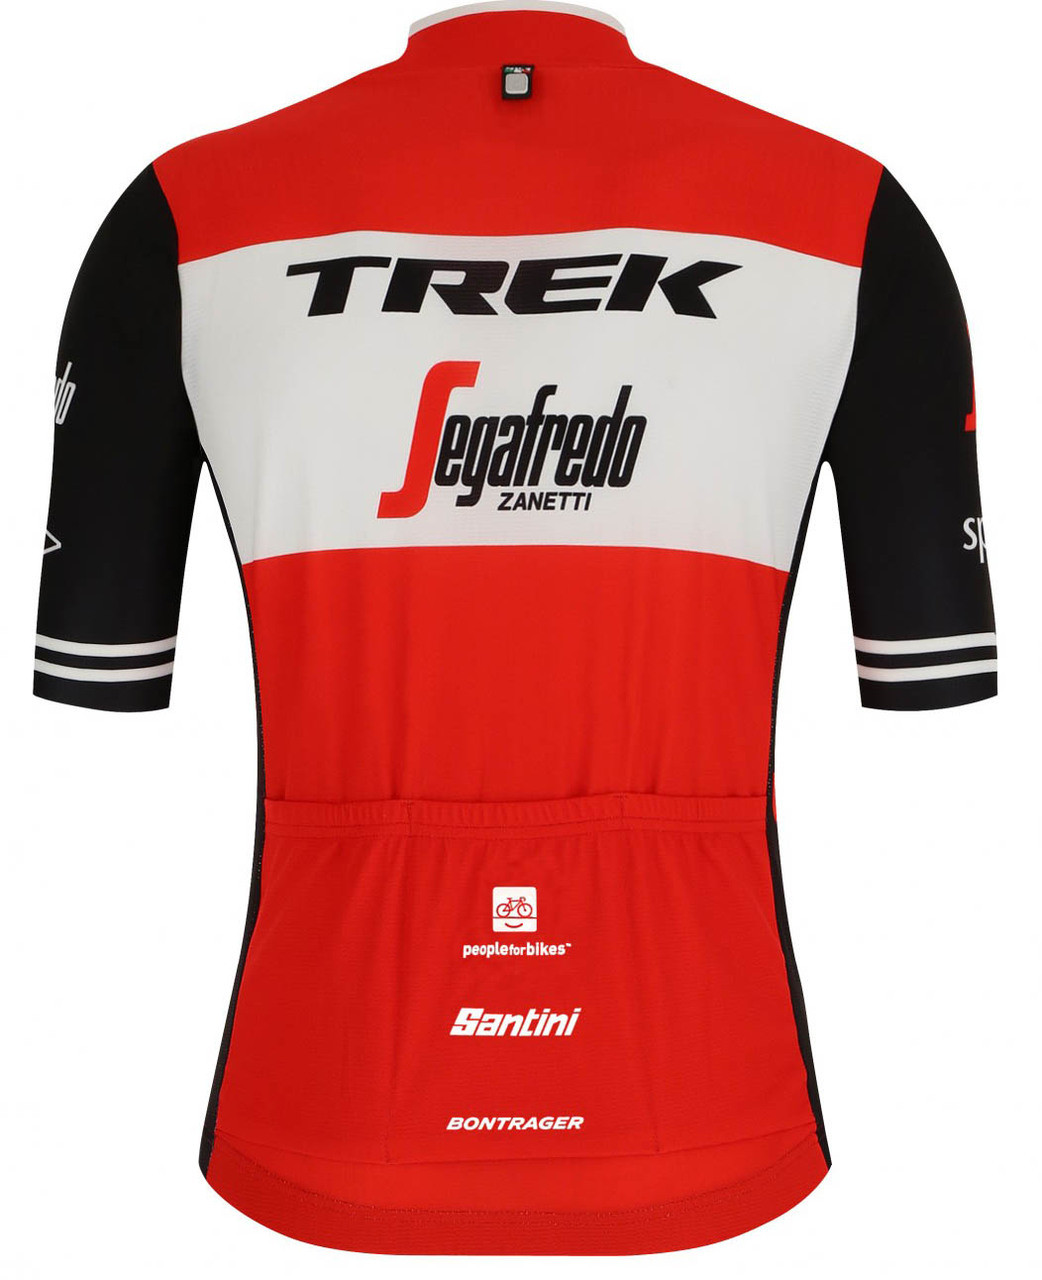 2019 Trek Segafredo FZ Jersey Rear